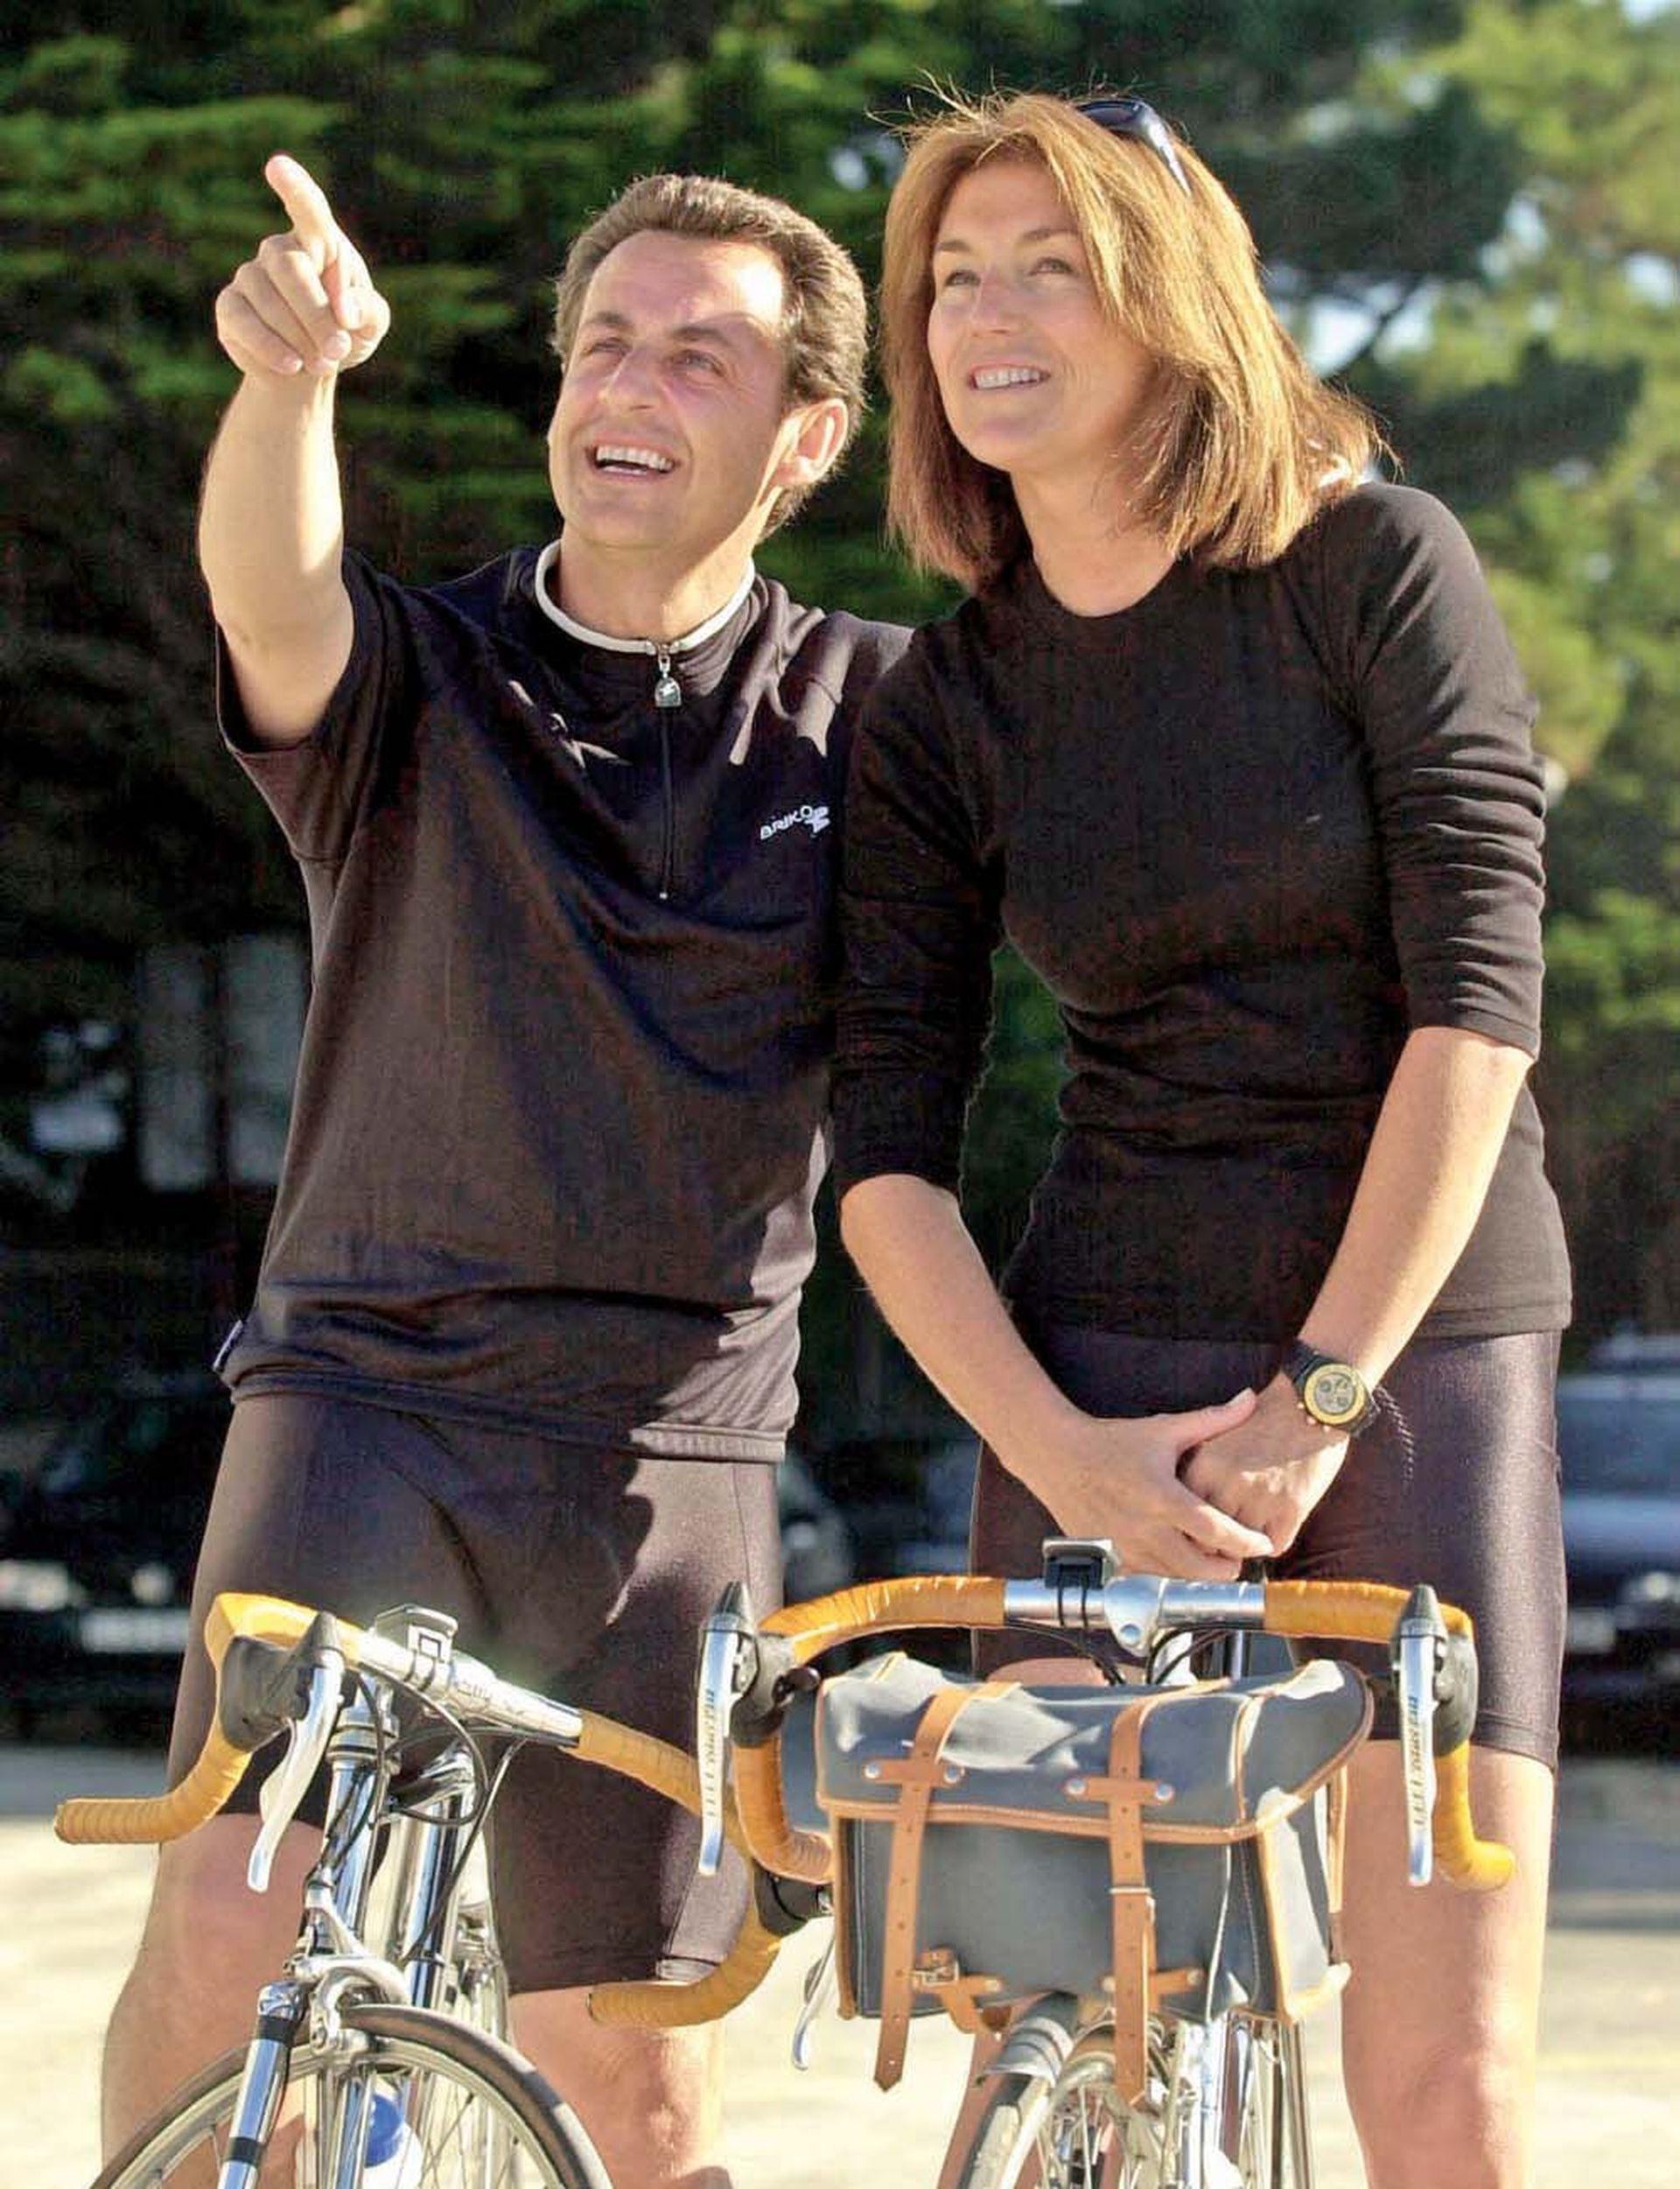 Era octubre de 2007 cuando el recién nombrado Presidente de Francia, Nicolas Sarkozy, y su mujer, Cécilia, anunciaban su separación tras once años de matrimonio.